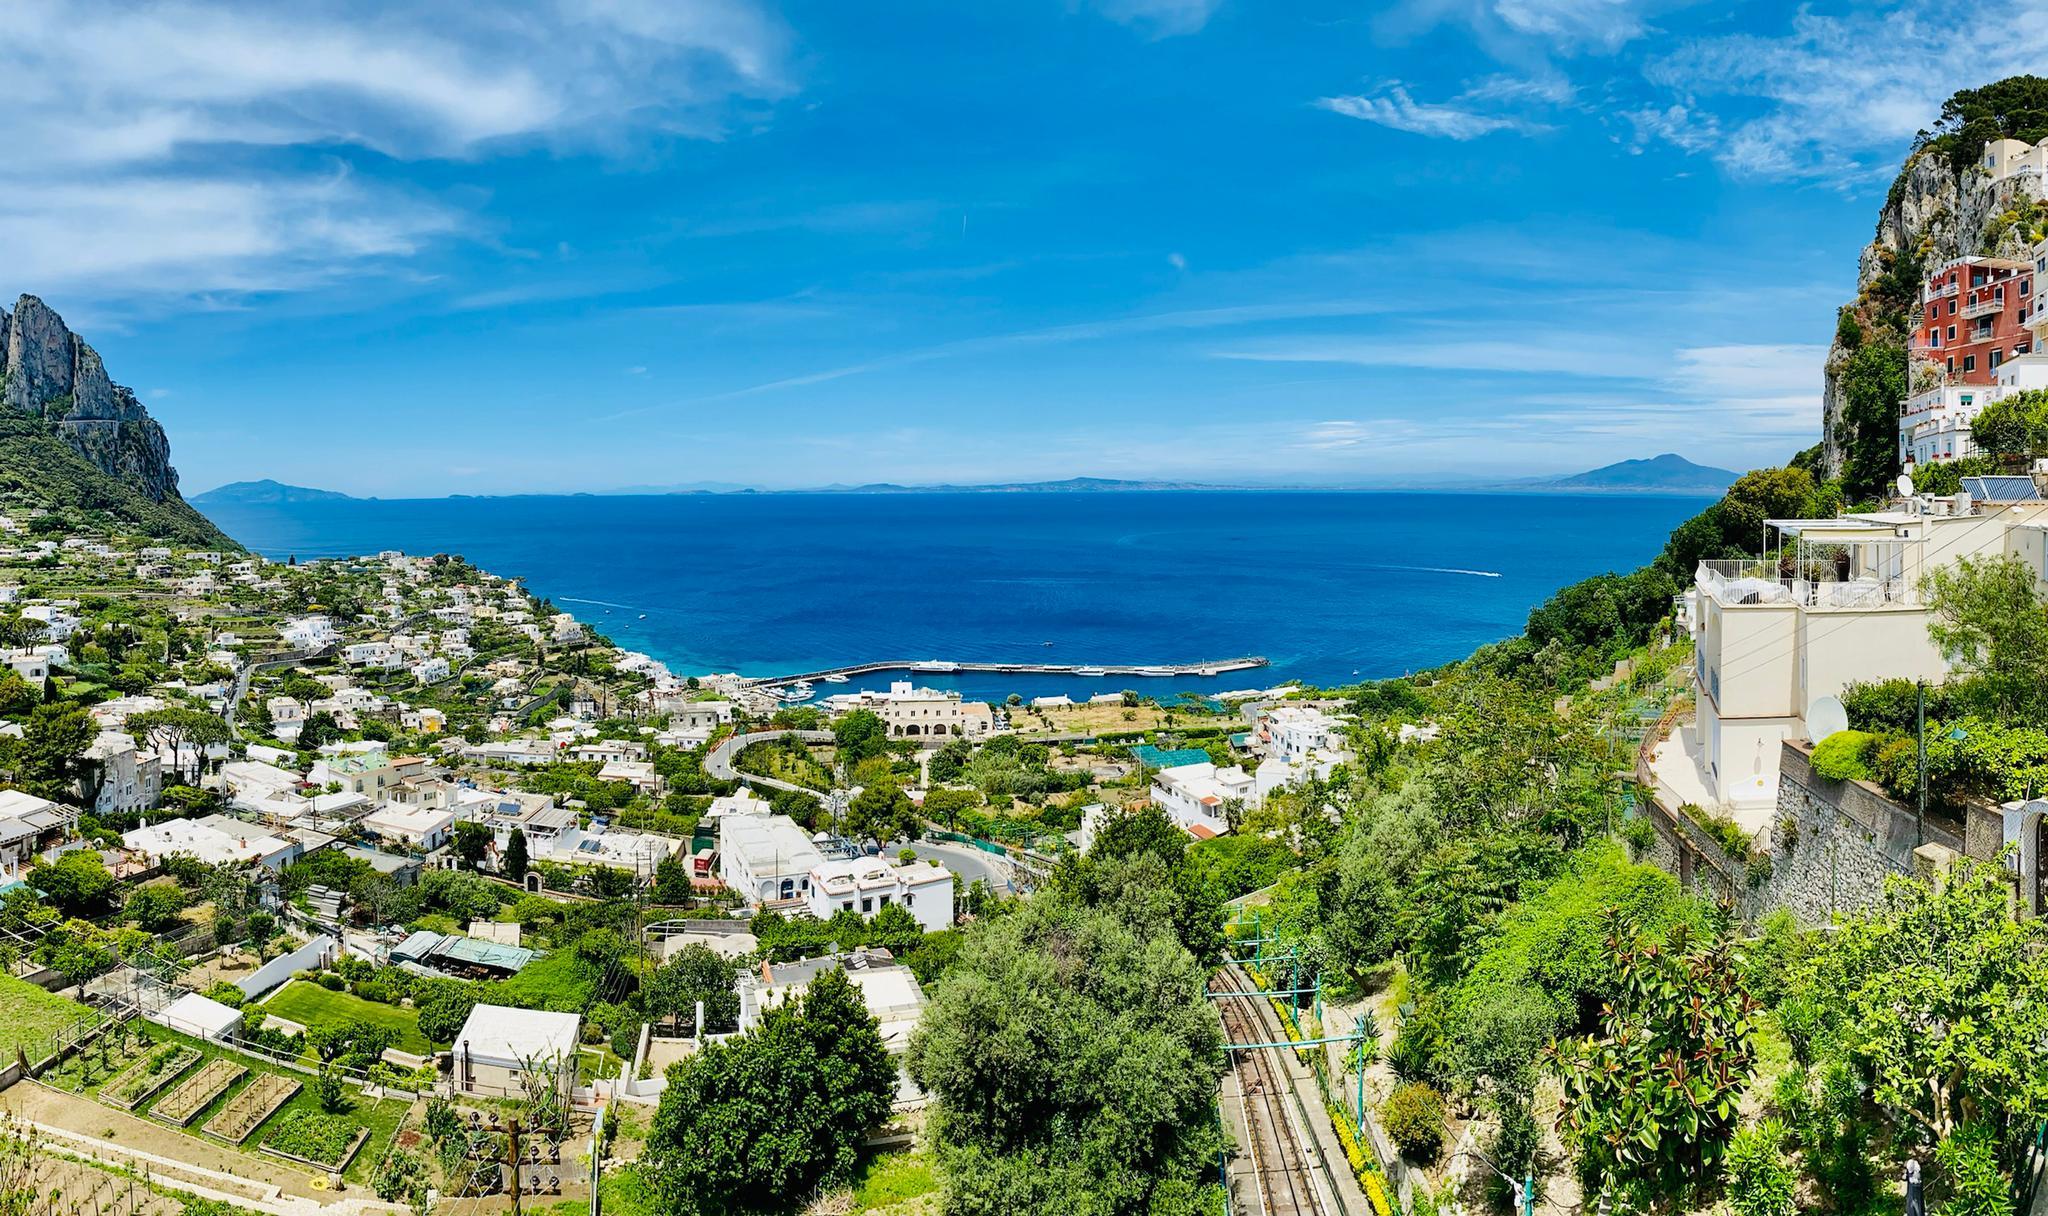 Pnorama aus Capri